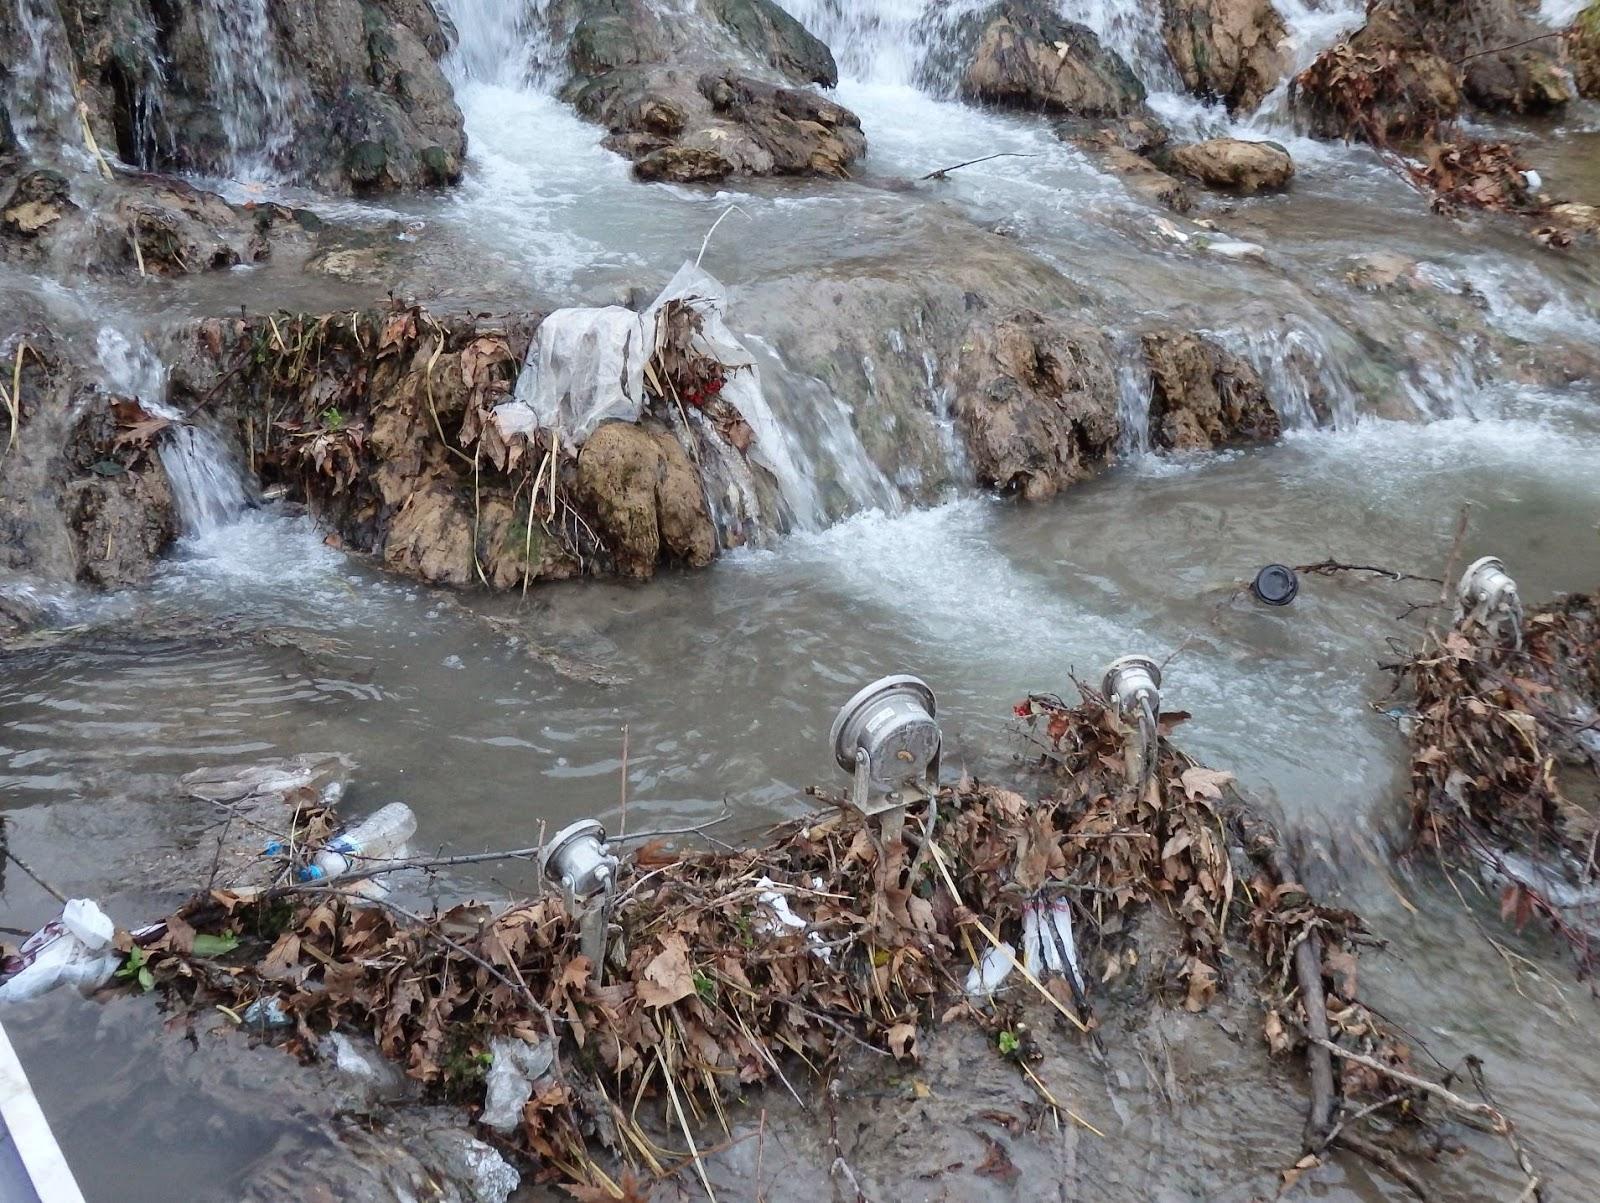 Τα ποτάμια τίγκα στο σκατό. Οι αναπλάσεις ποταμοβραχιόνων τους μάραναν